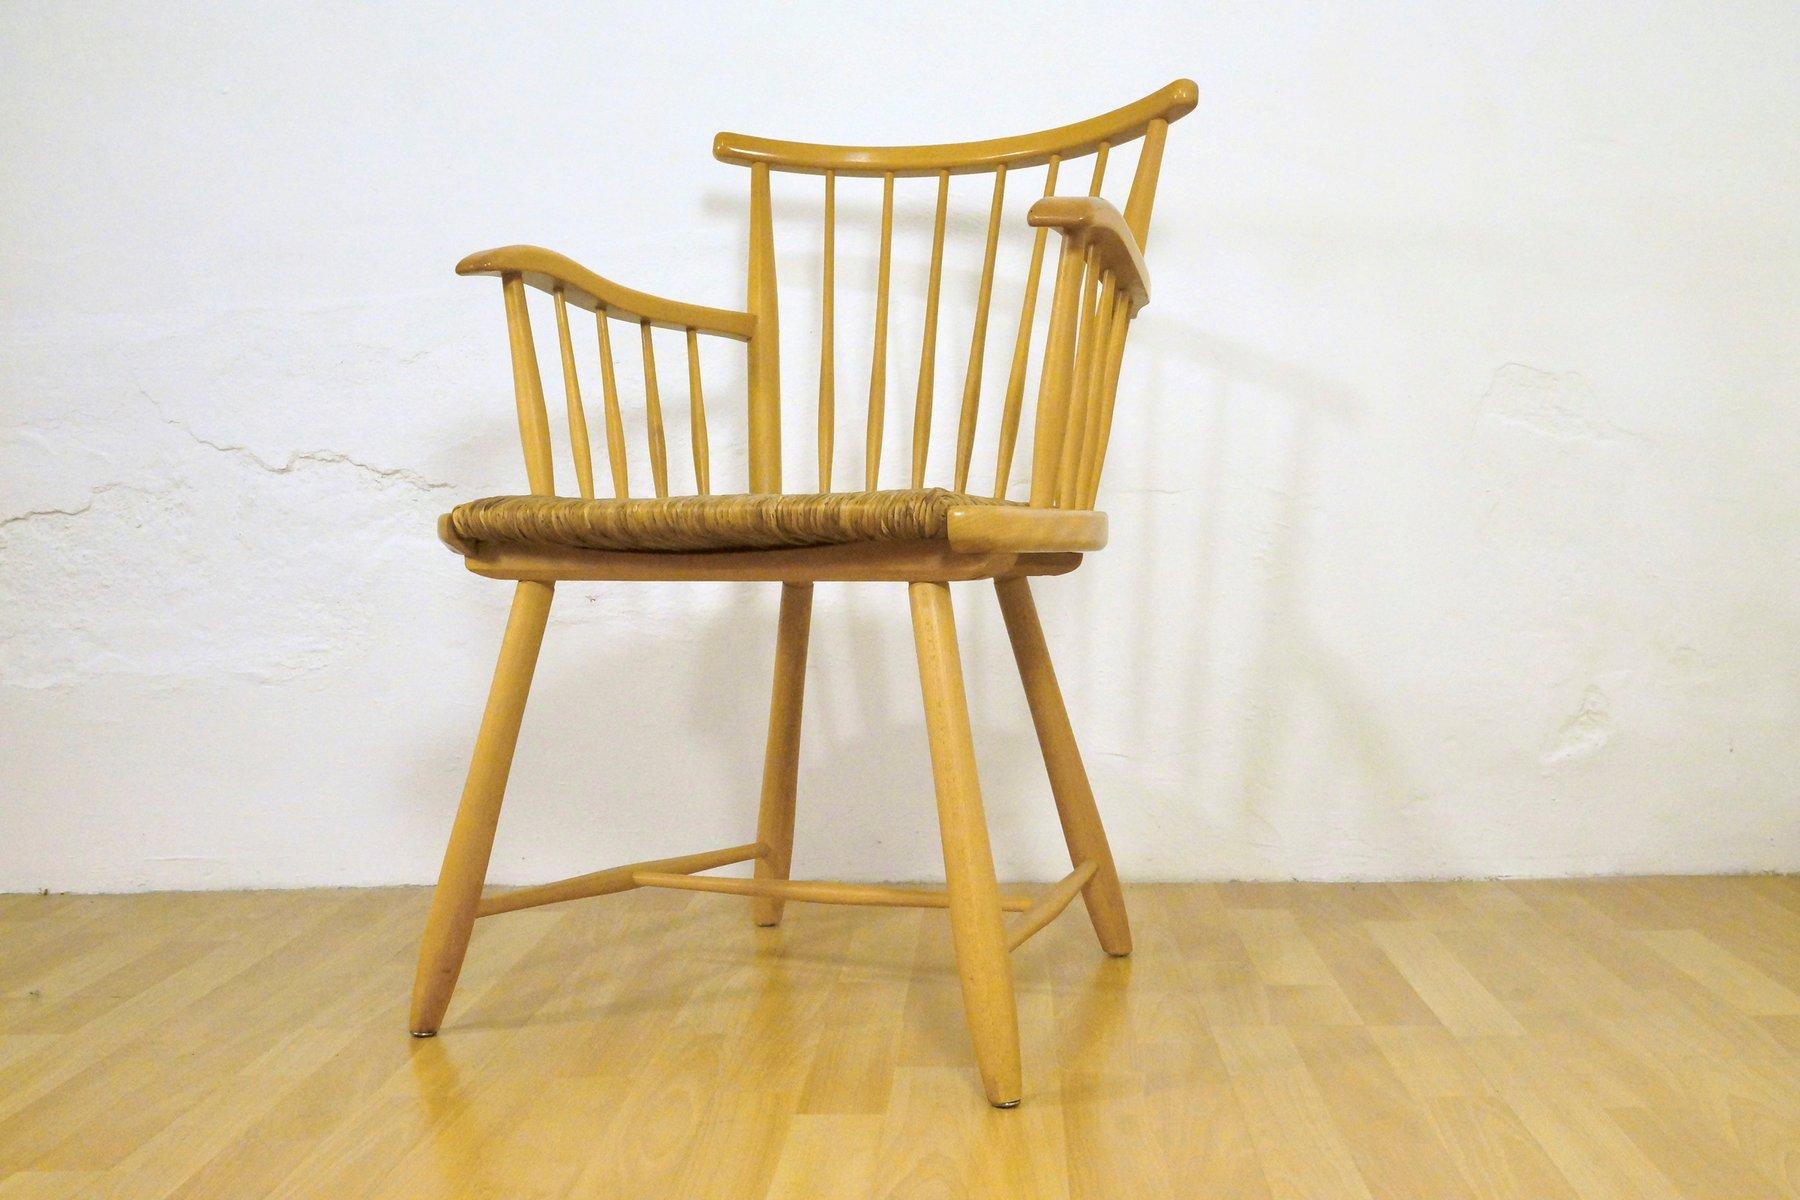 vintage armlehnstuhl von arno lambrecht f r wk m bel bei pamono kaufen. Black Bedroom Furniture Sets. Home Design Ideas